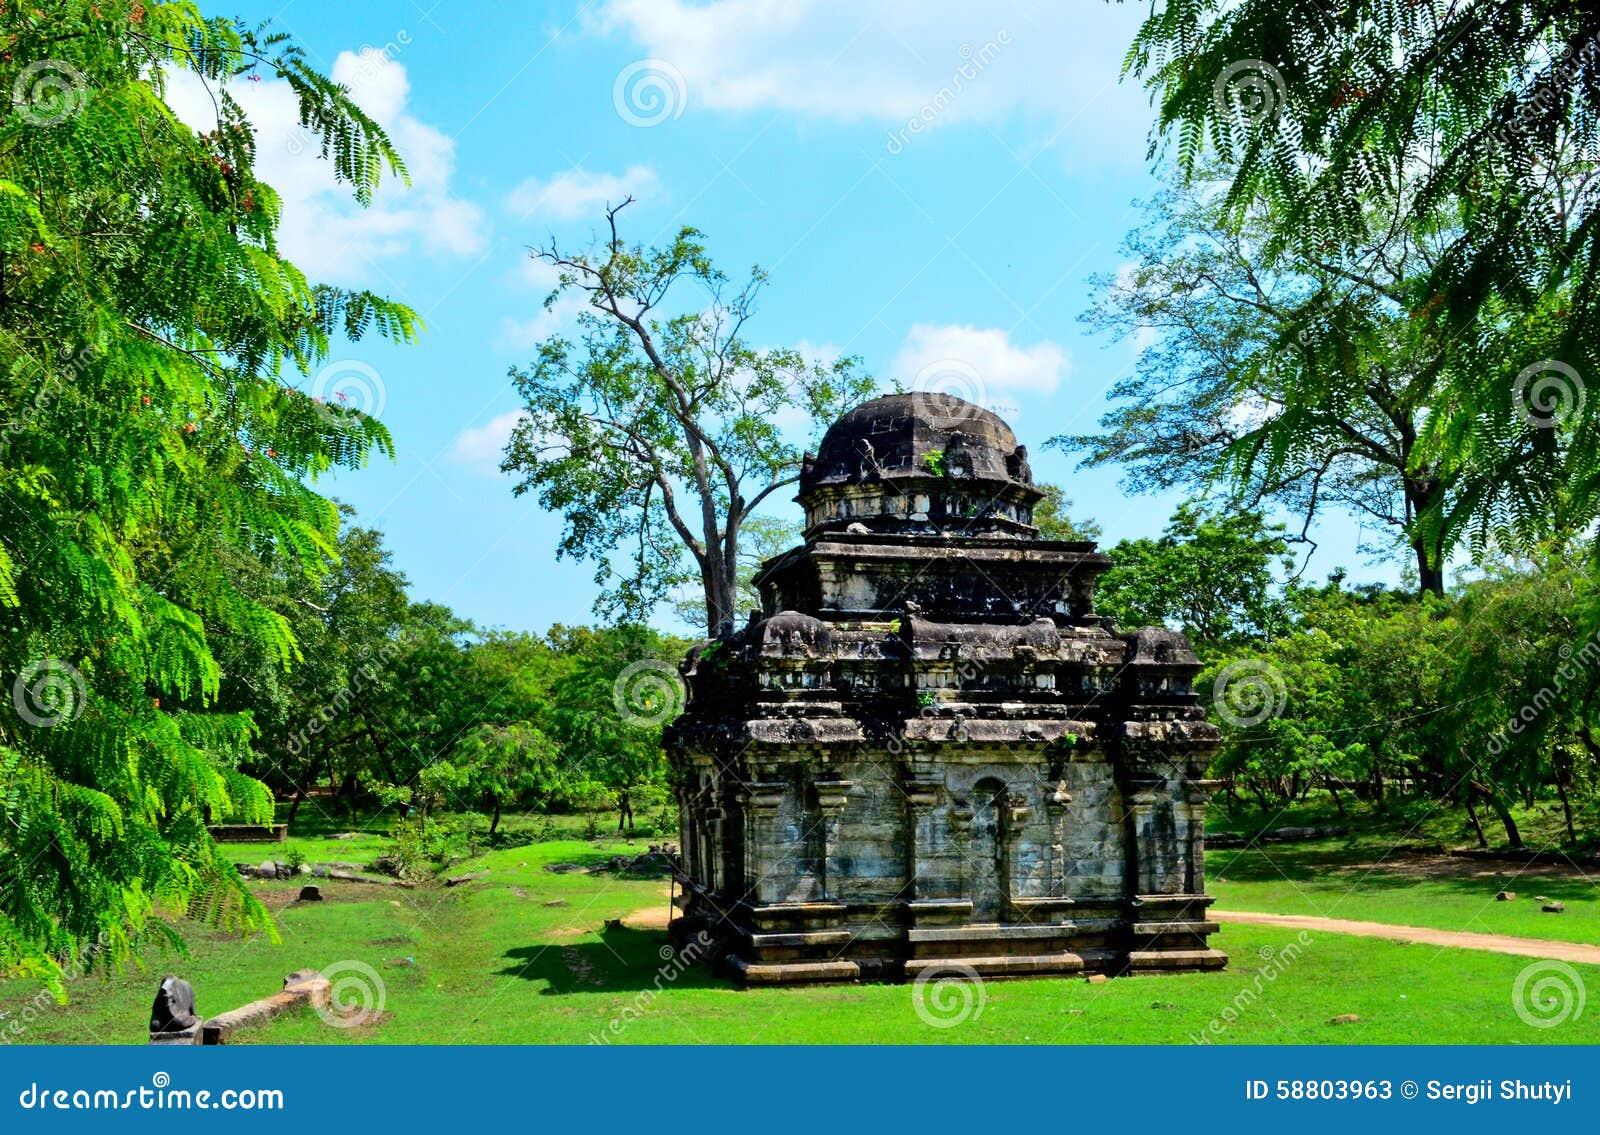 Ναός Shiva στη Σρι Λάνκα (Κεϋλάνη)